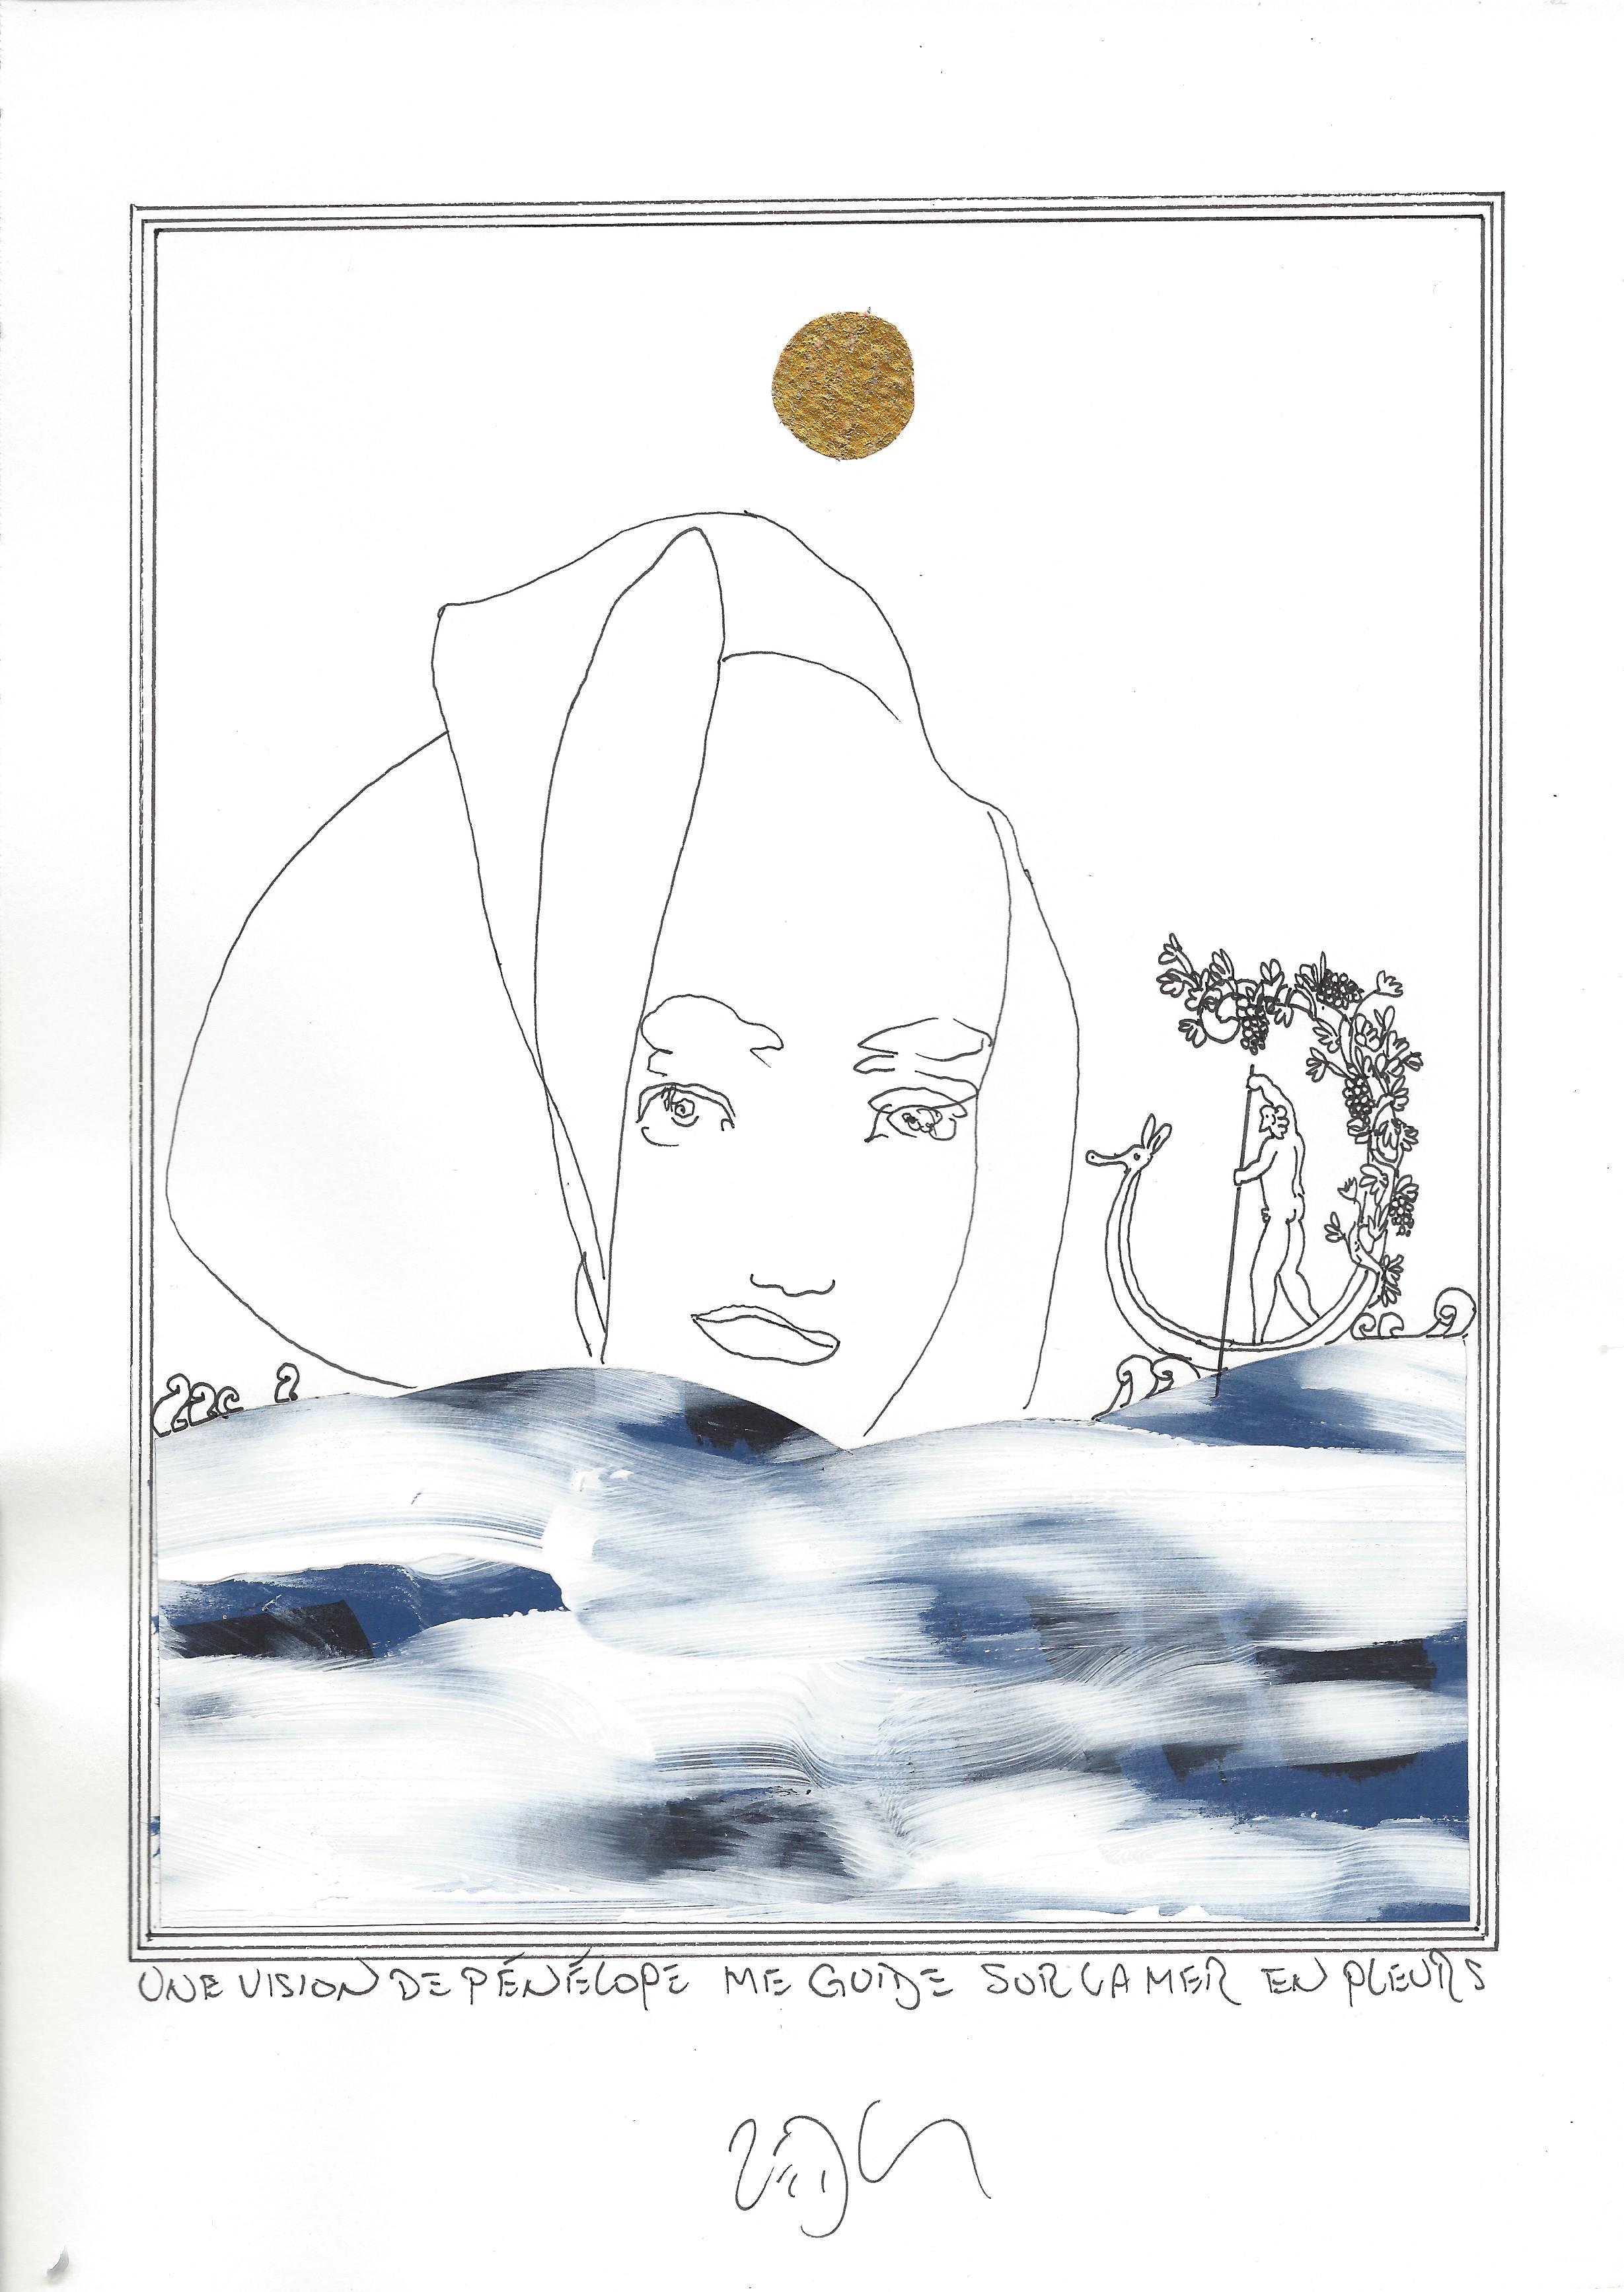 « A vision of Penelope guides me across the wailing sea – Une vision de Pénélope me guide sur la mer en pleurs »